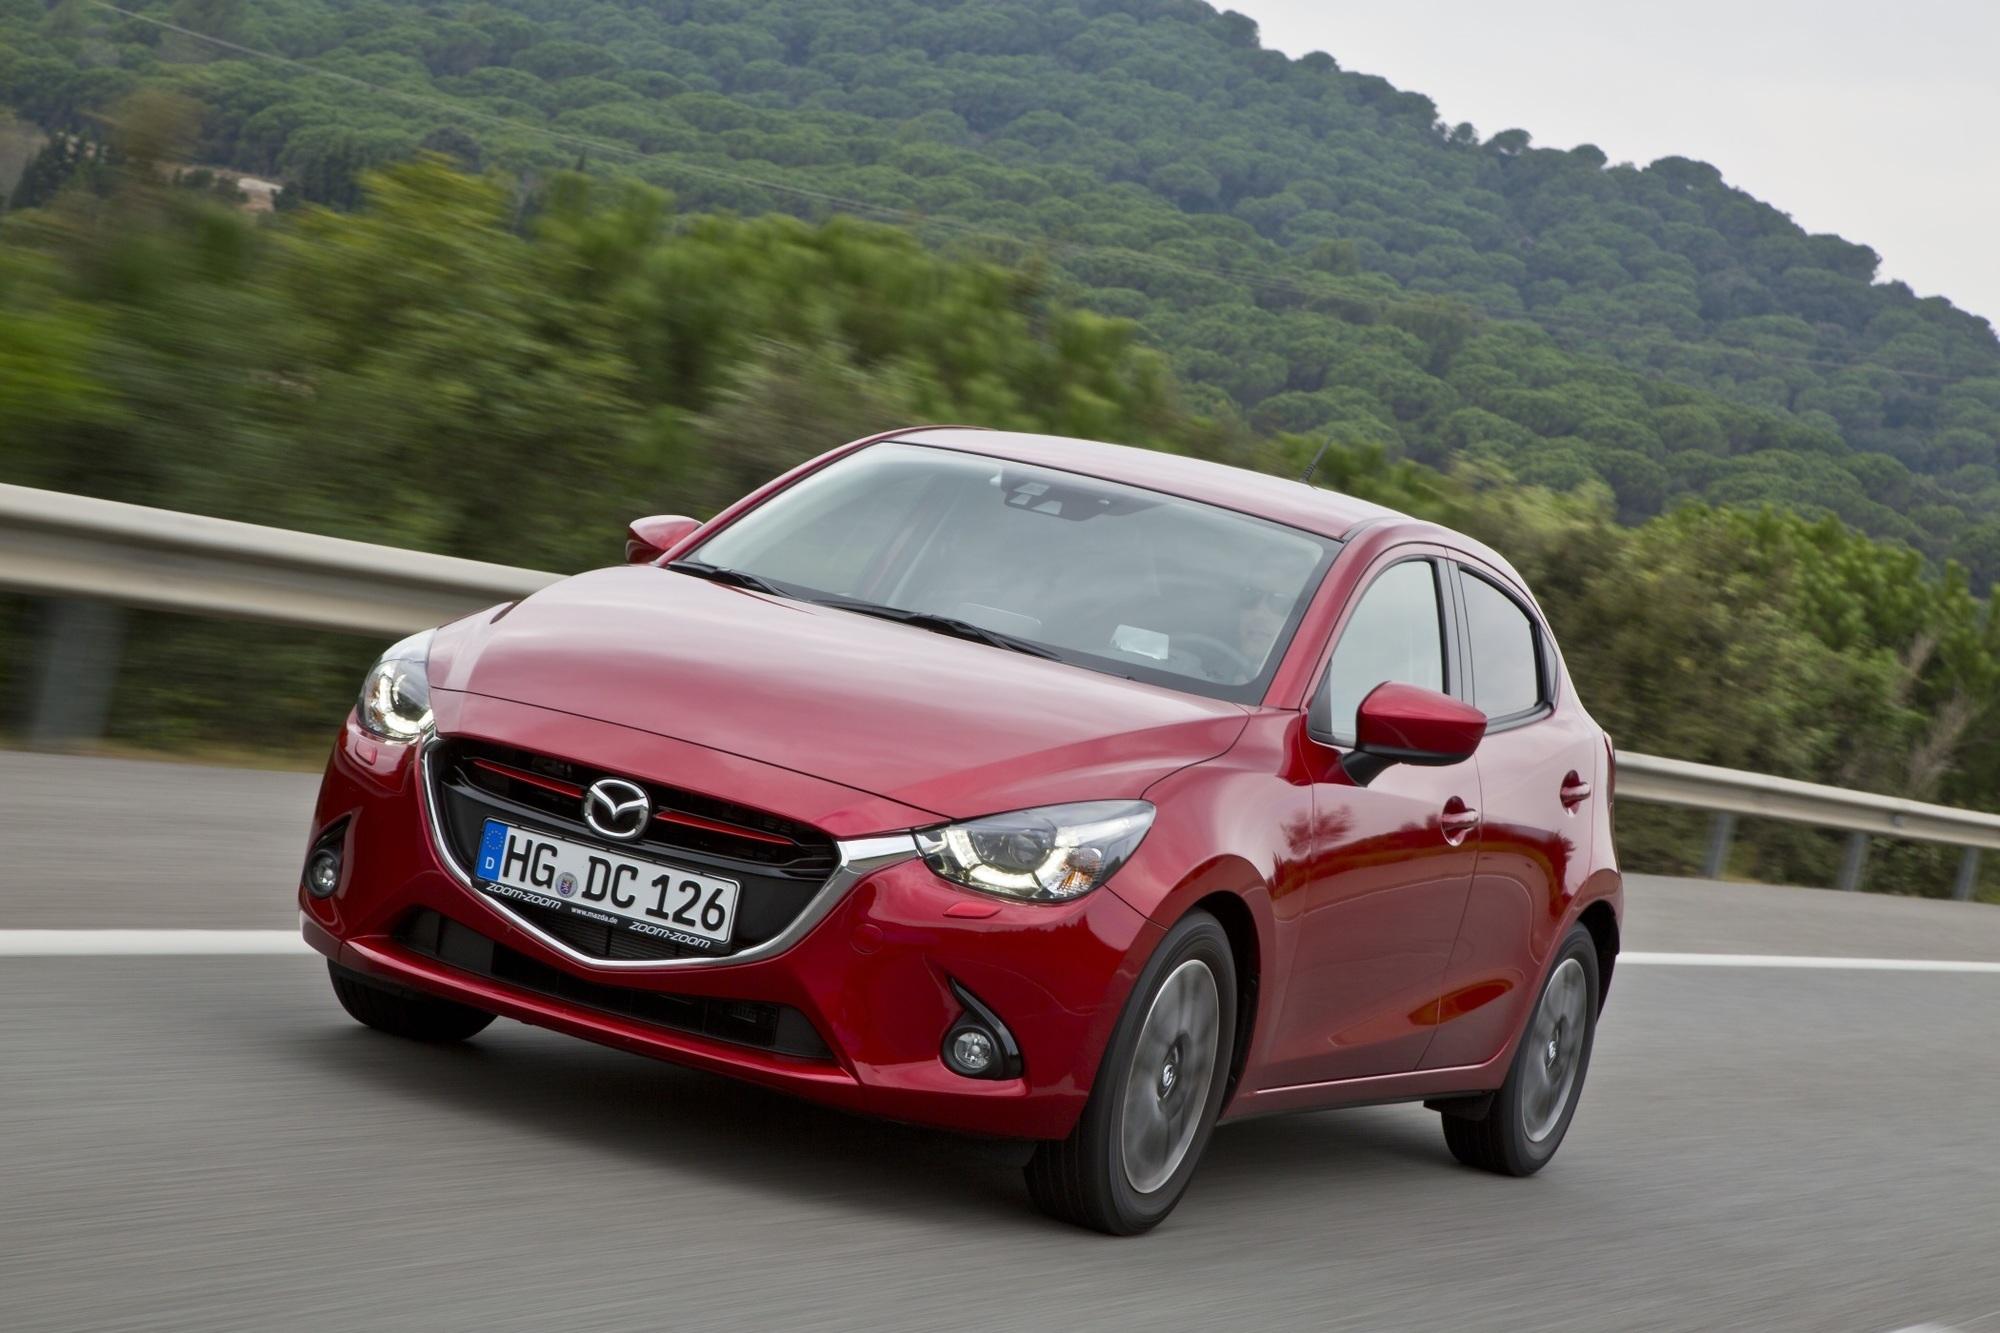 Fahrbericht: Neuer Mazda2 - So sportlich-fein kann klein sein